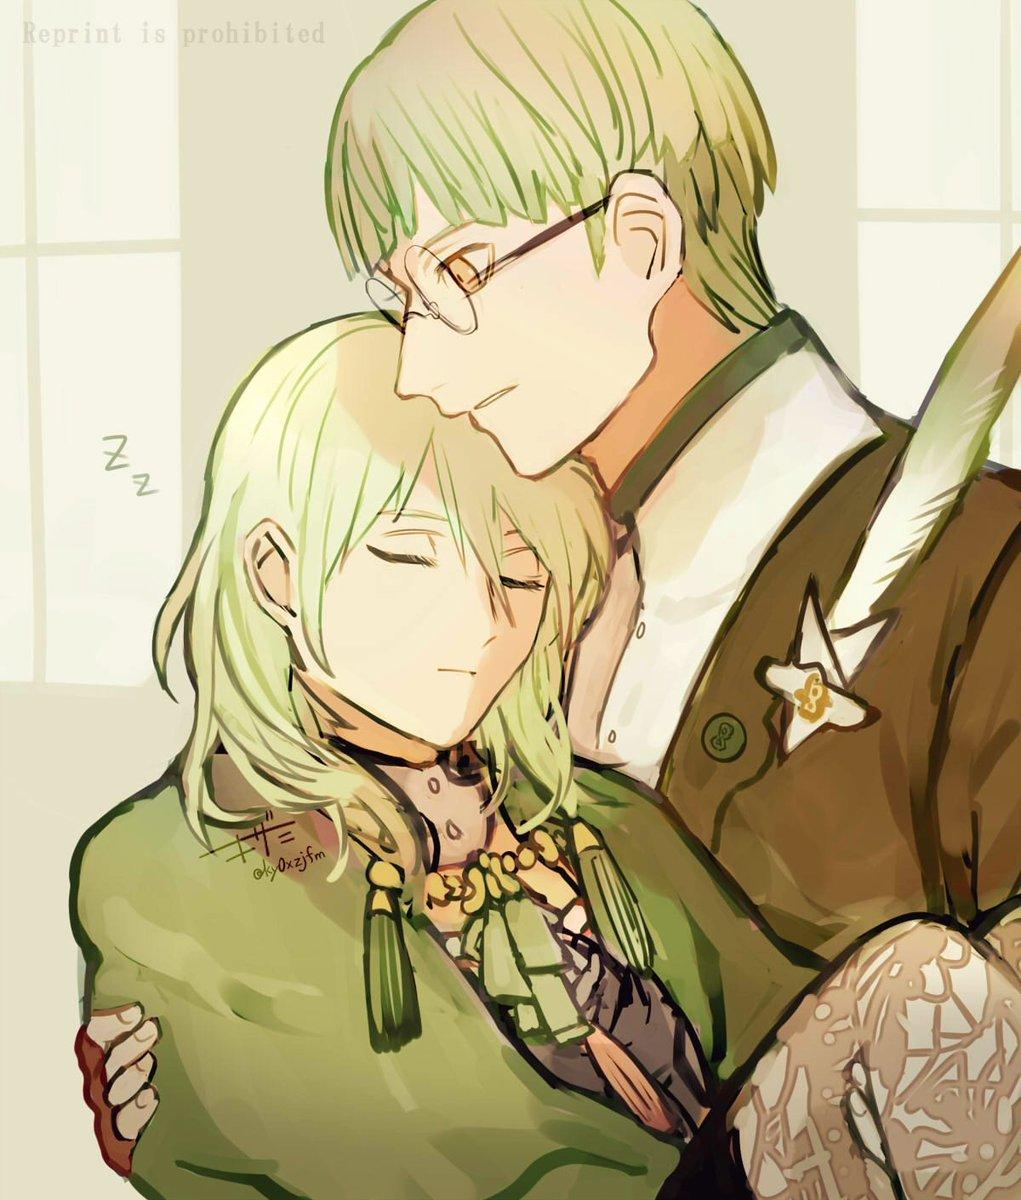 お疲れの先生にマント羽織らせて姫抱きして寝室まで運んでくれるイグレス